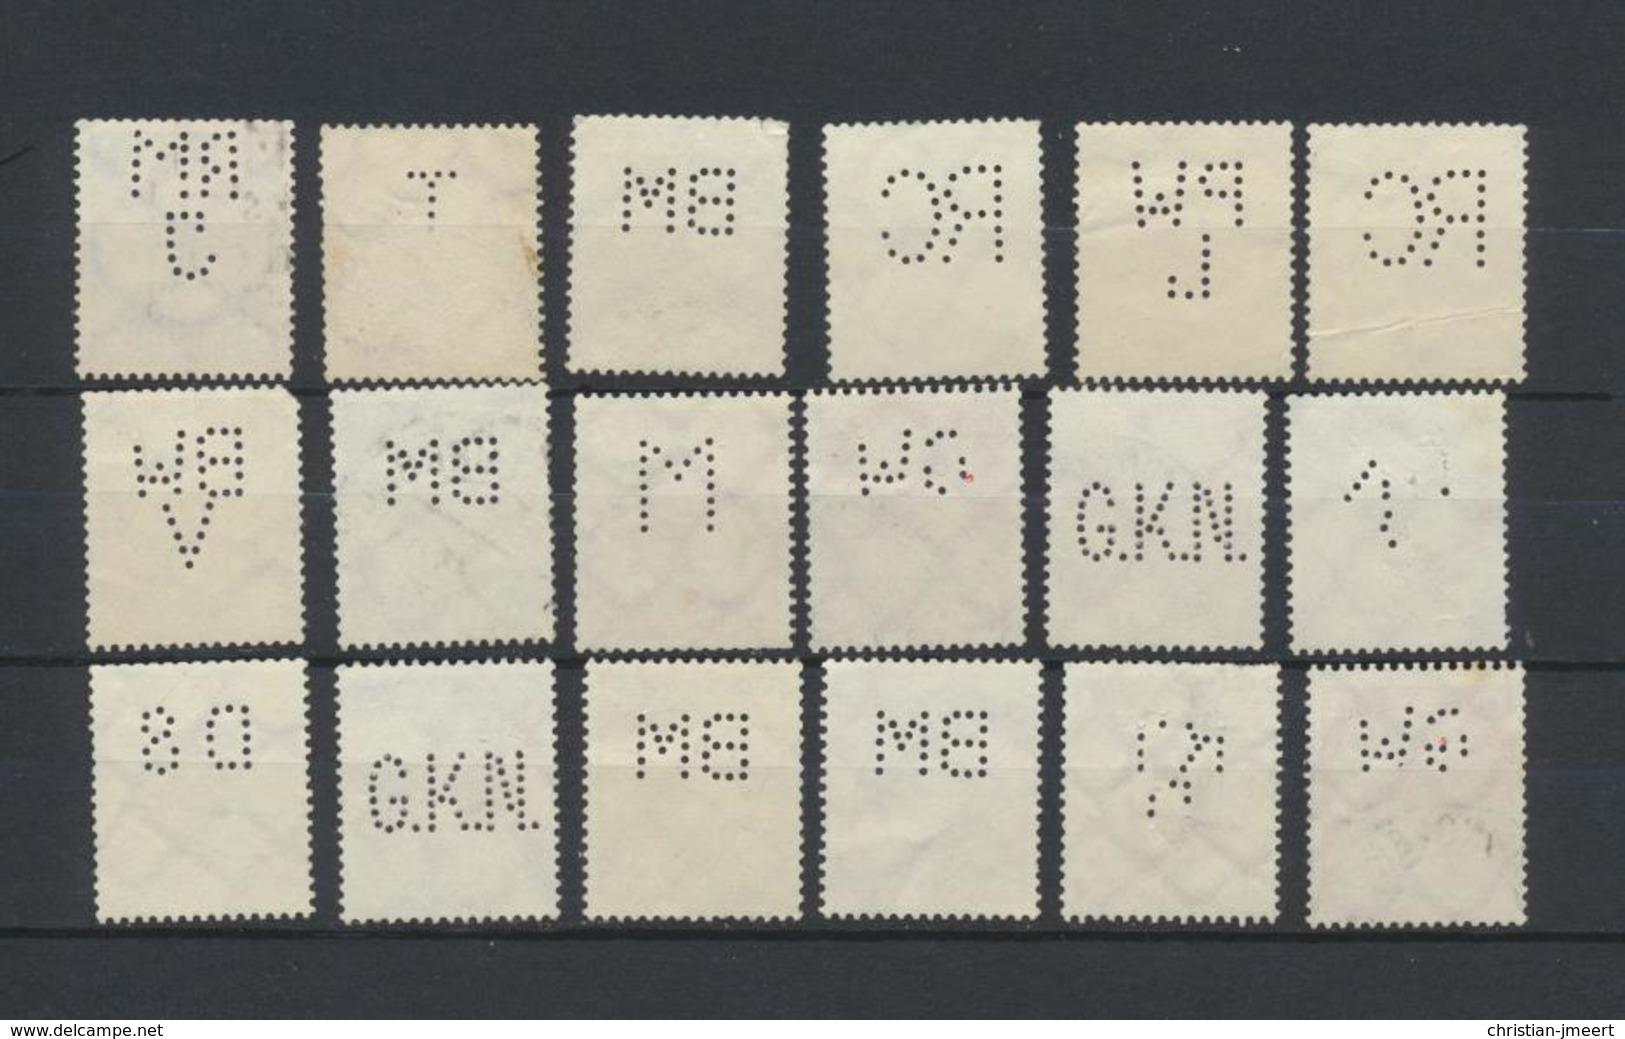 Perforés   Perfins   Reich  - Firmenlochung  -lot Important De 173 Timbres - Voir Explications - Allemagne